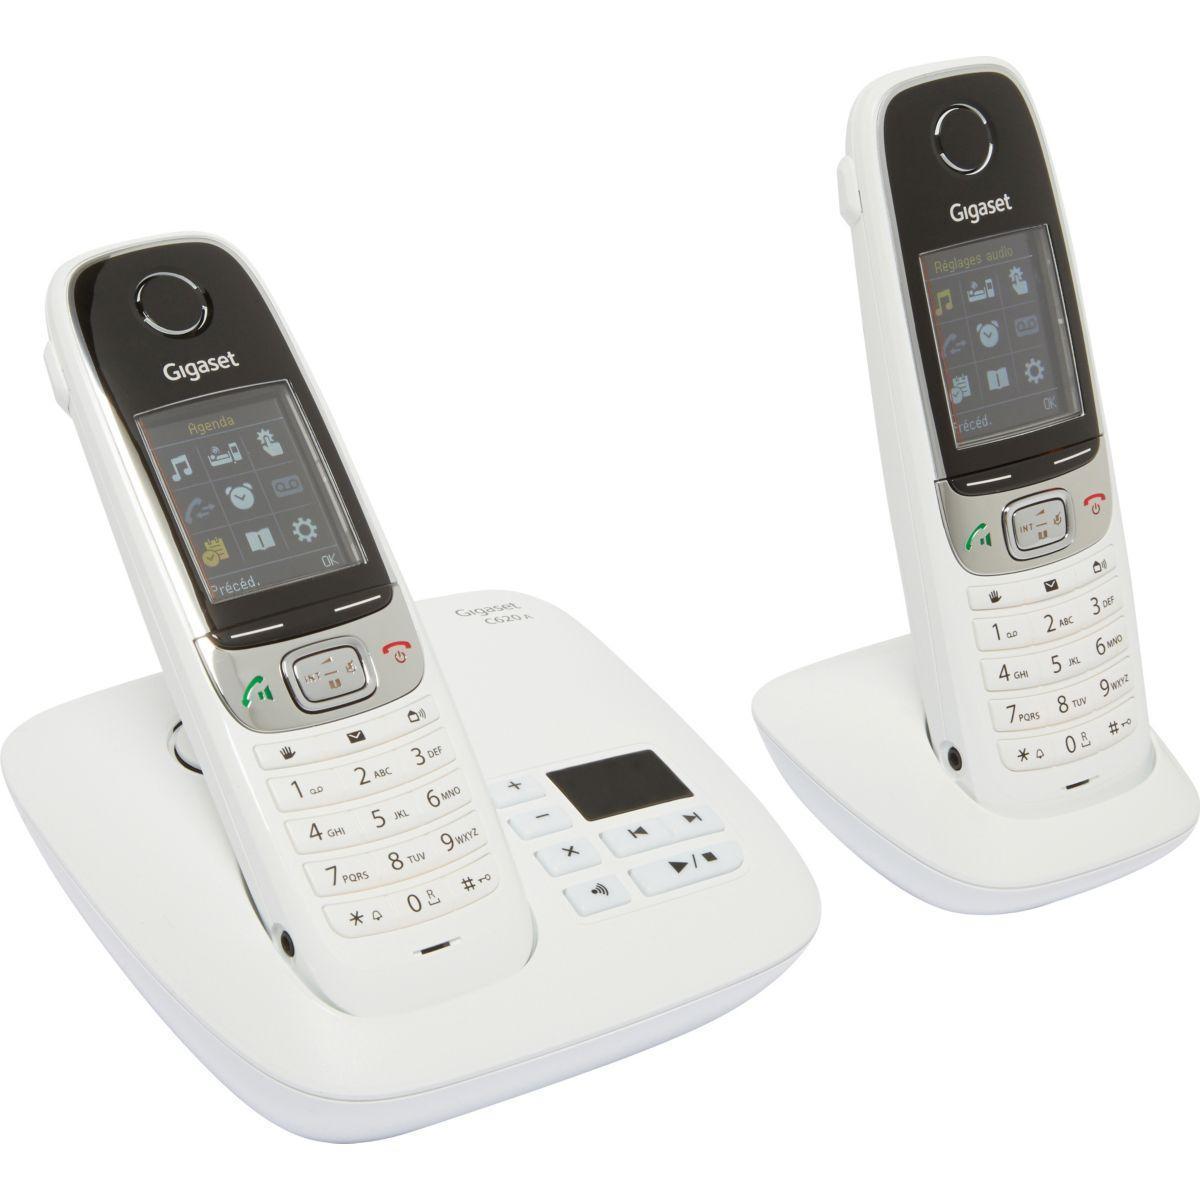 Pack promo téléphone répondeur sans fil duo gigaset c620a duo blanc + combiné téléphonique gigaset c620h blanc - livraison offerte avec le code livoff (photo)